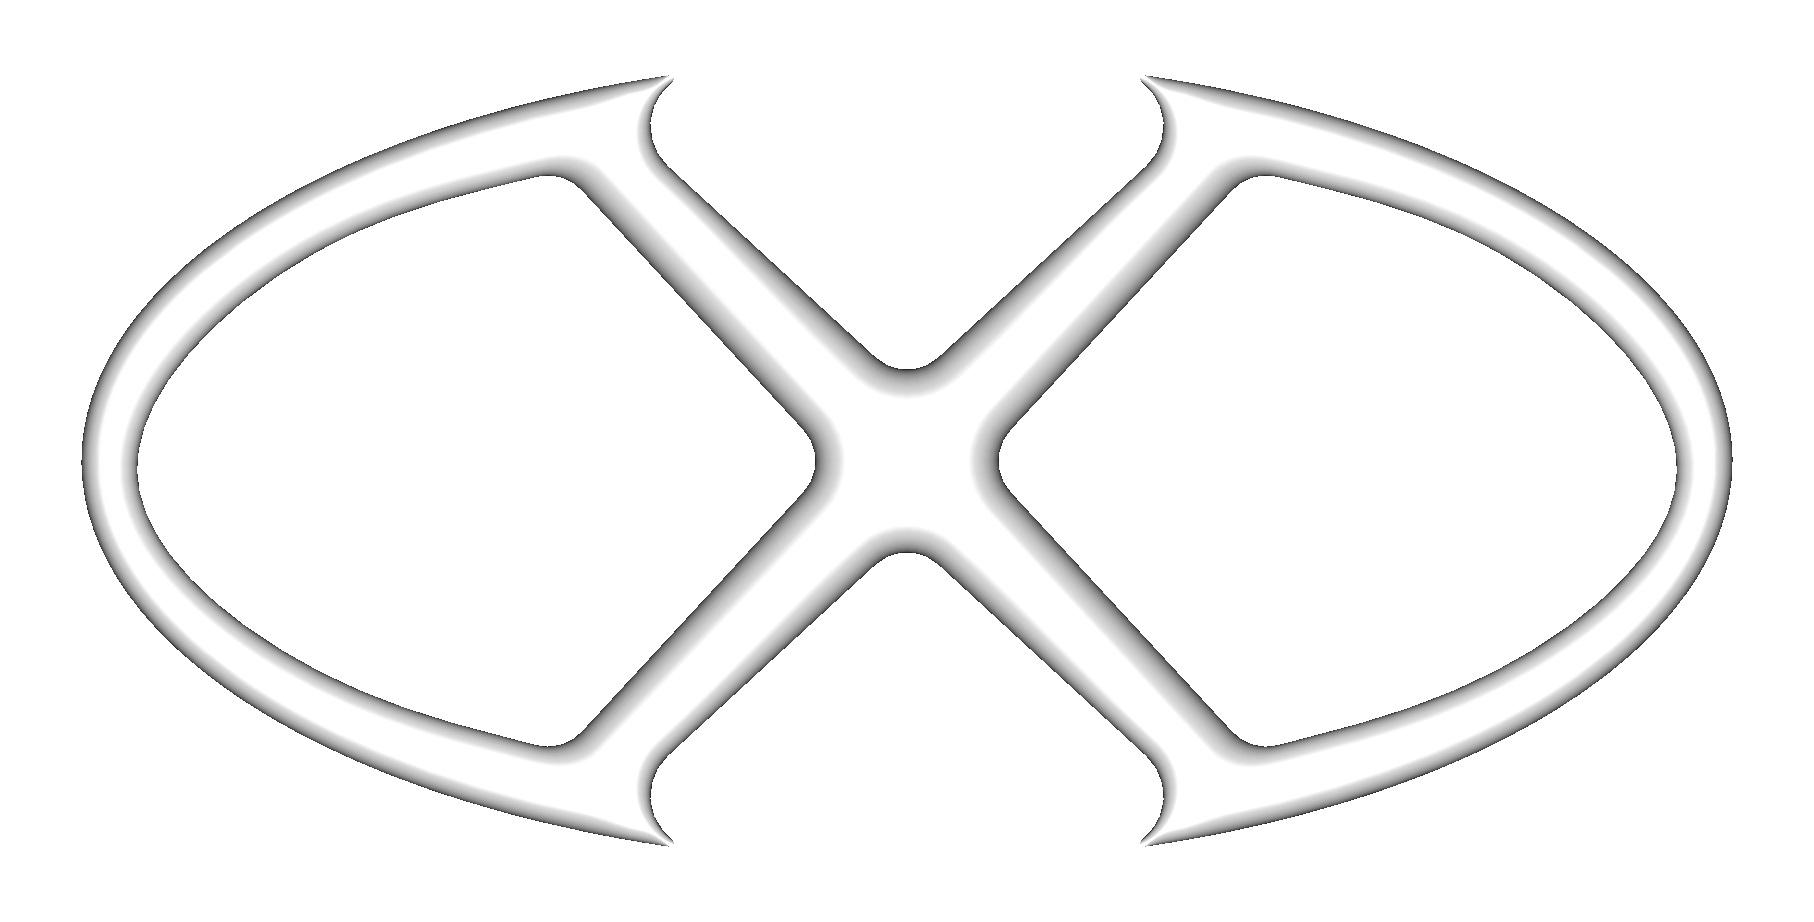 IAC KA/SR remote mount kit - Style 1